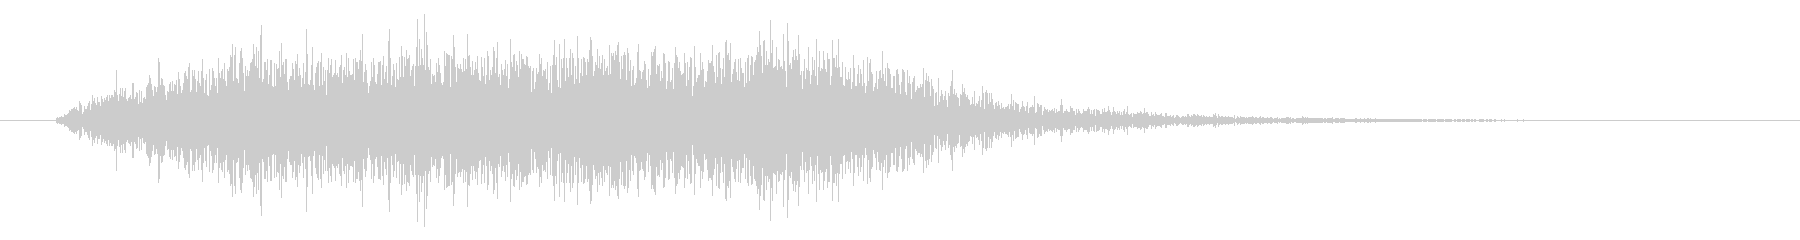 ホラー効果音 低音ブオー 奇怪なコーラスの未再生の波形